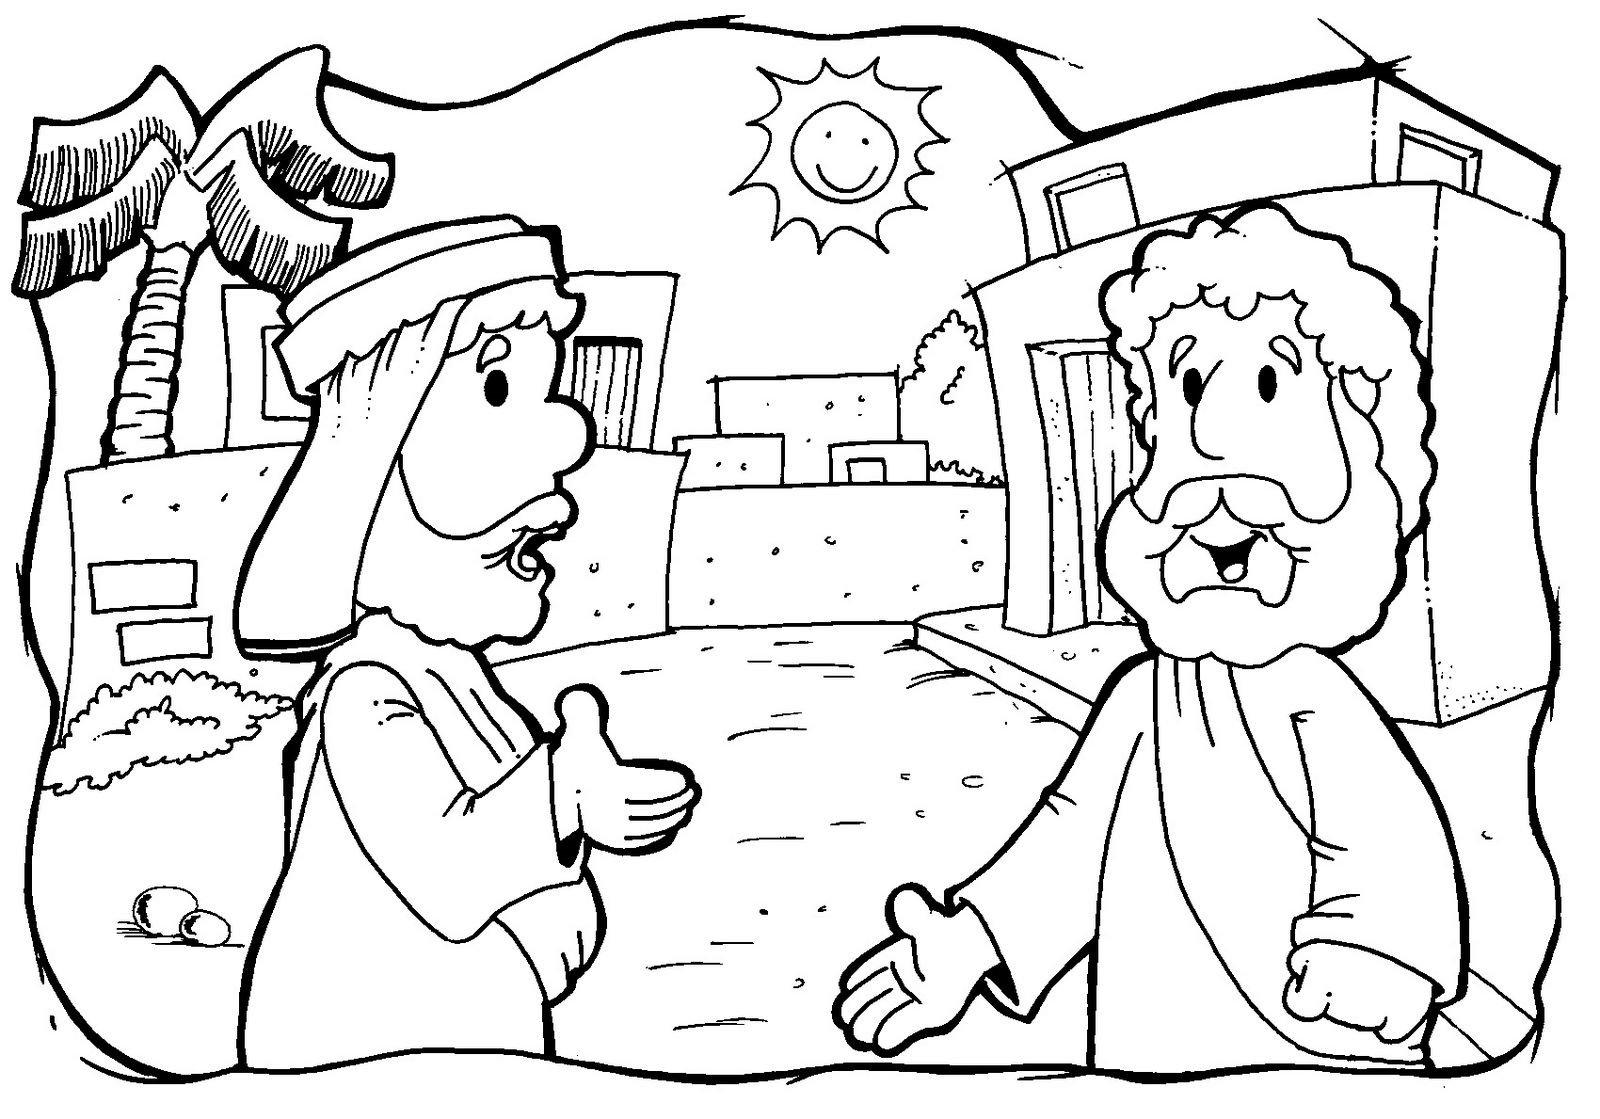 Colorindo e Desenhando: Desenhos bíblicos e religiosos